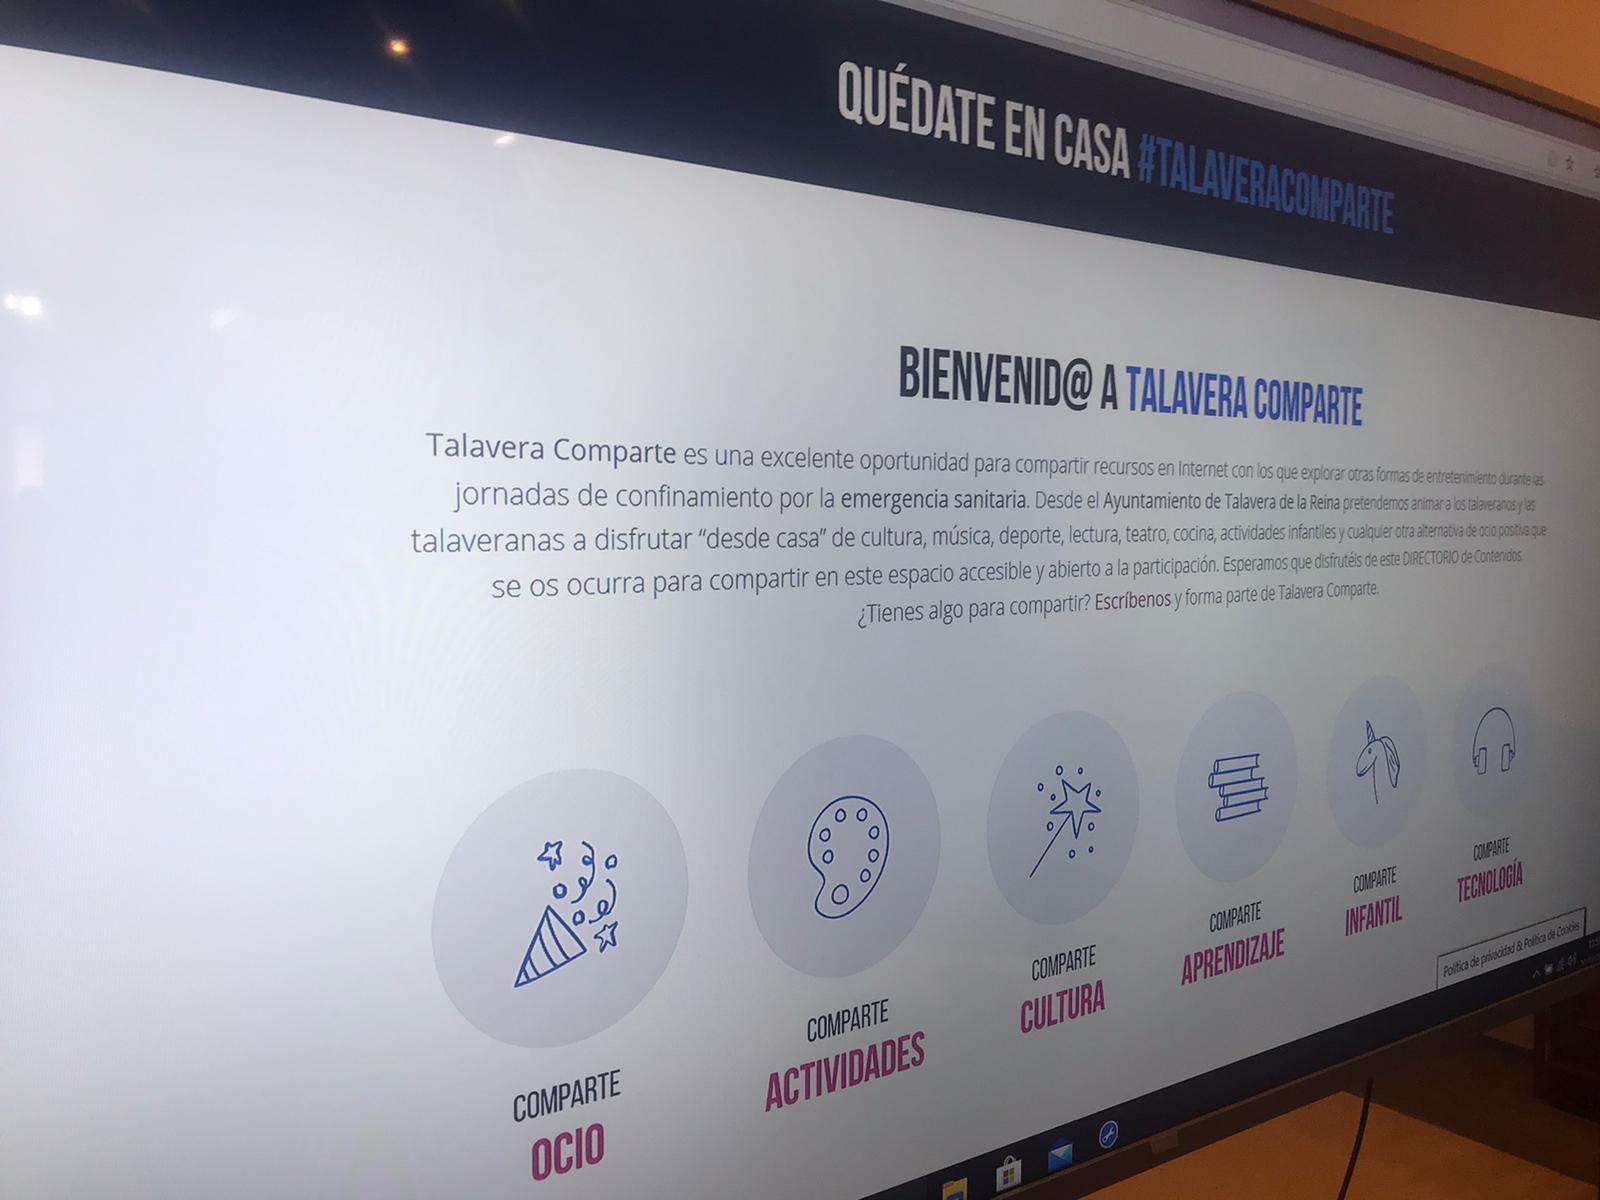 El Ayuntamiento de Talavera habilita el directorio 'Talavera Comparte' para acercar alternativas de ocio, actividades, cultura, aprendizaje, infantil y tecnología durante el confinamiento